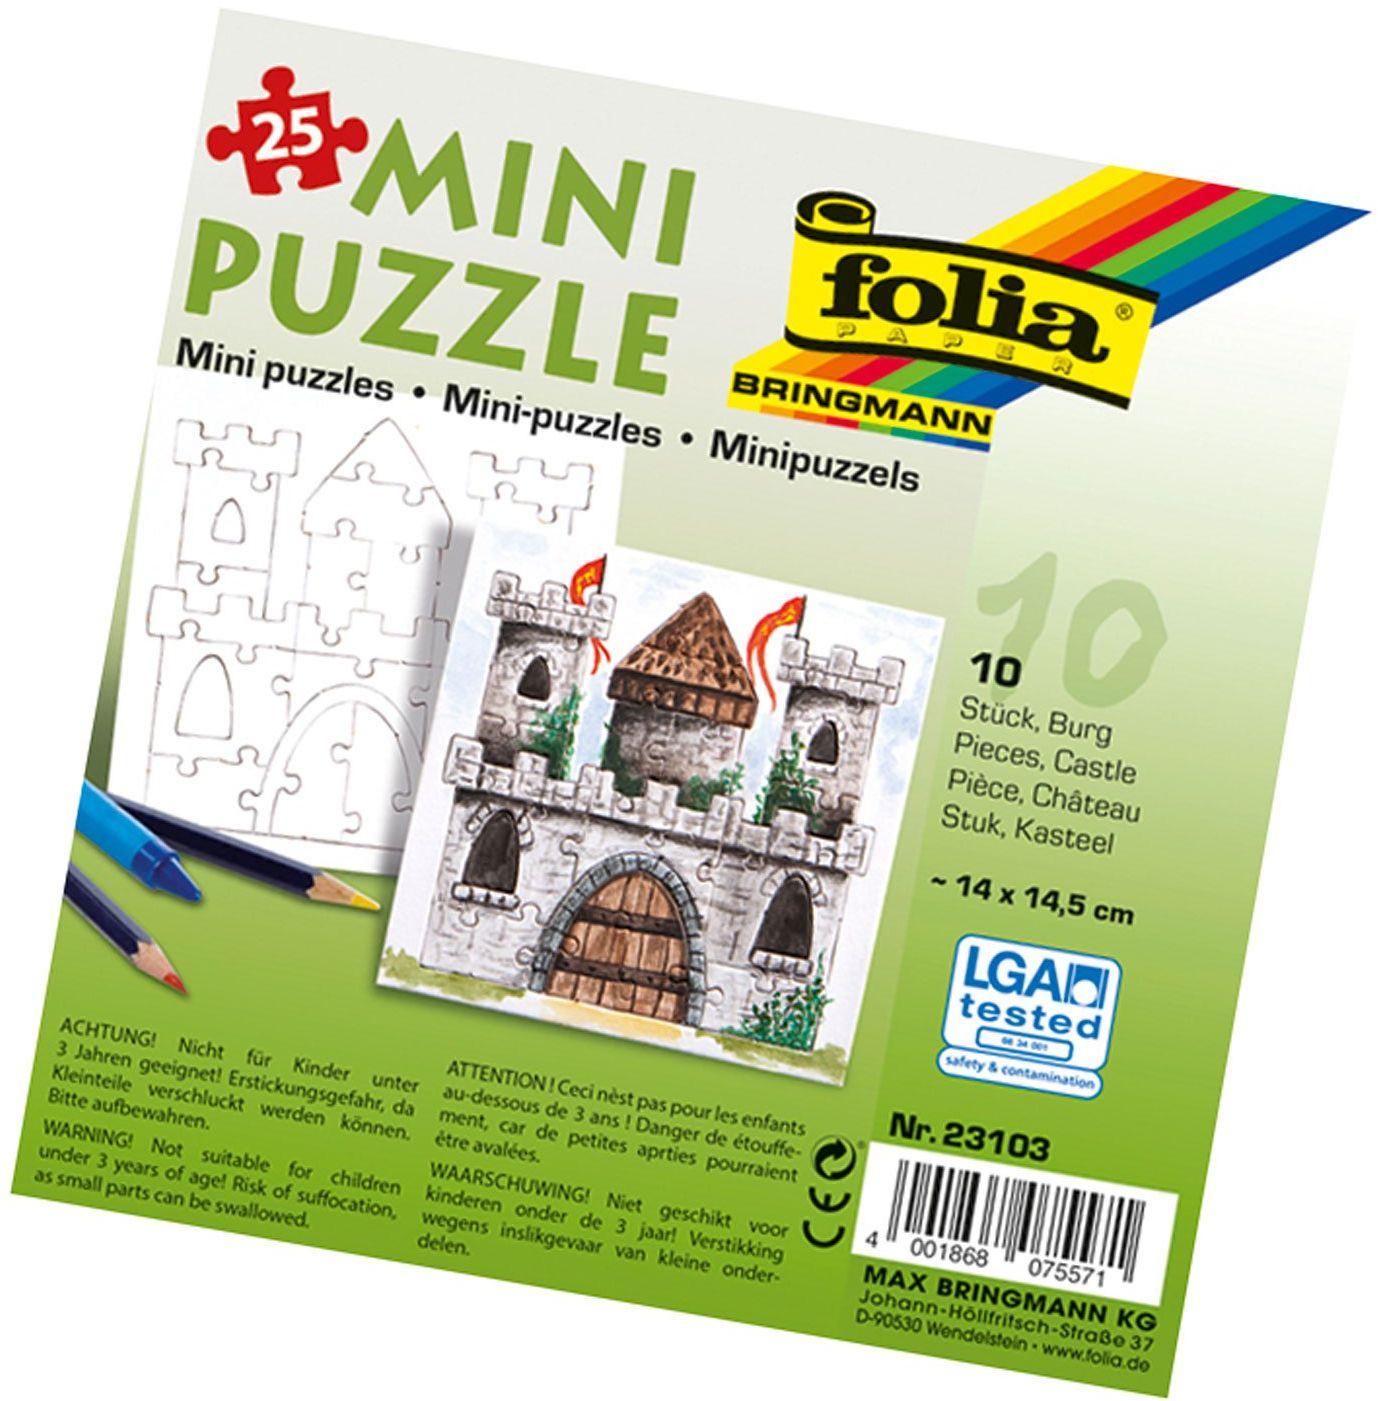 folia 23103 - mini puzzle zamek, ok. 14 x 14,5 cm, 25 części, 10 sztuk, białe - dopiero potem malowanie, dla dzieci, chłopców i dziewczynek